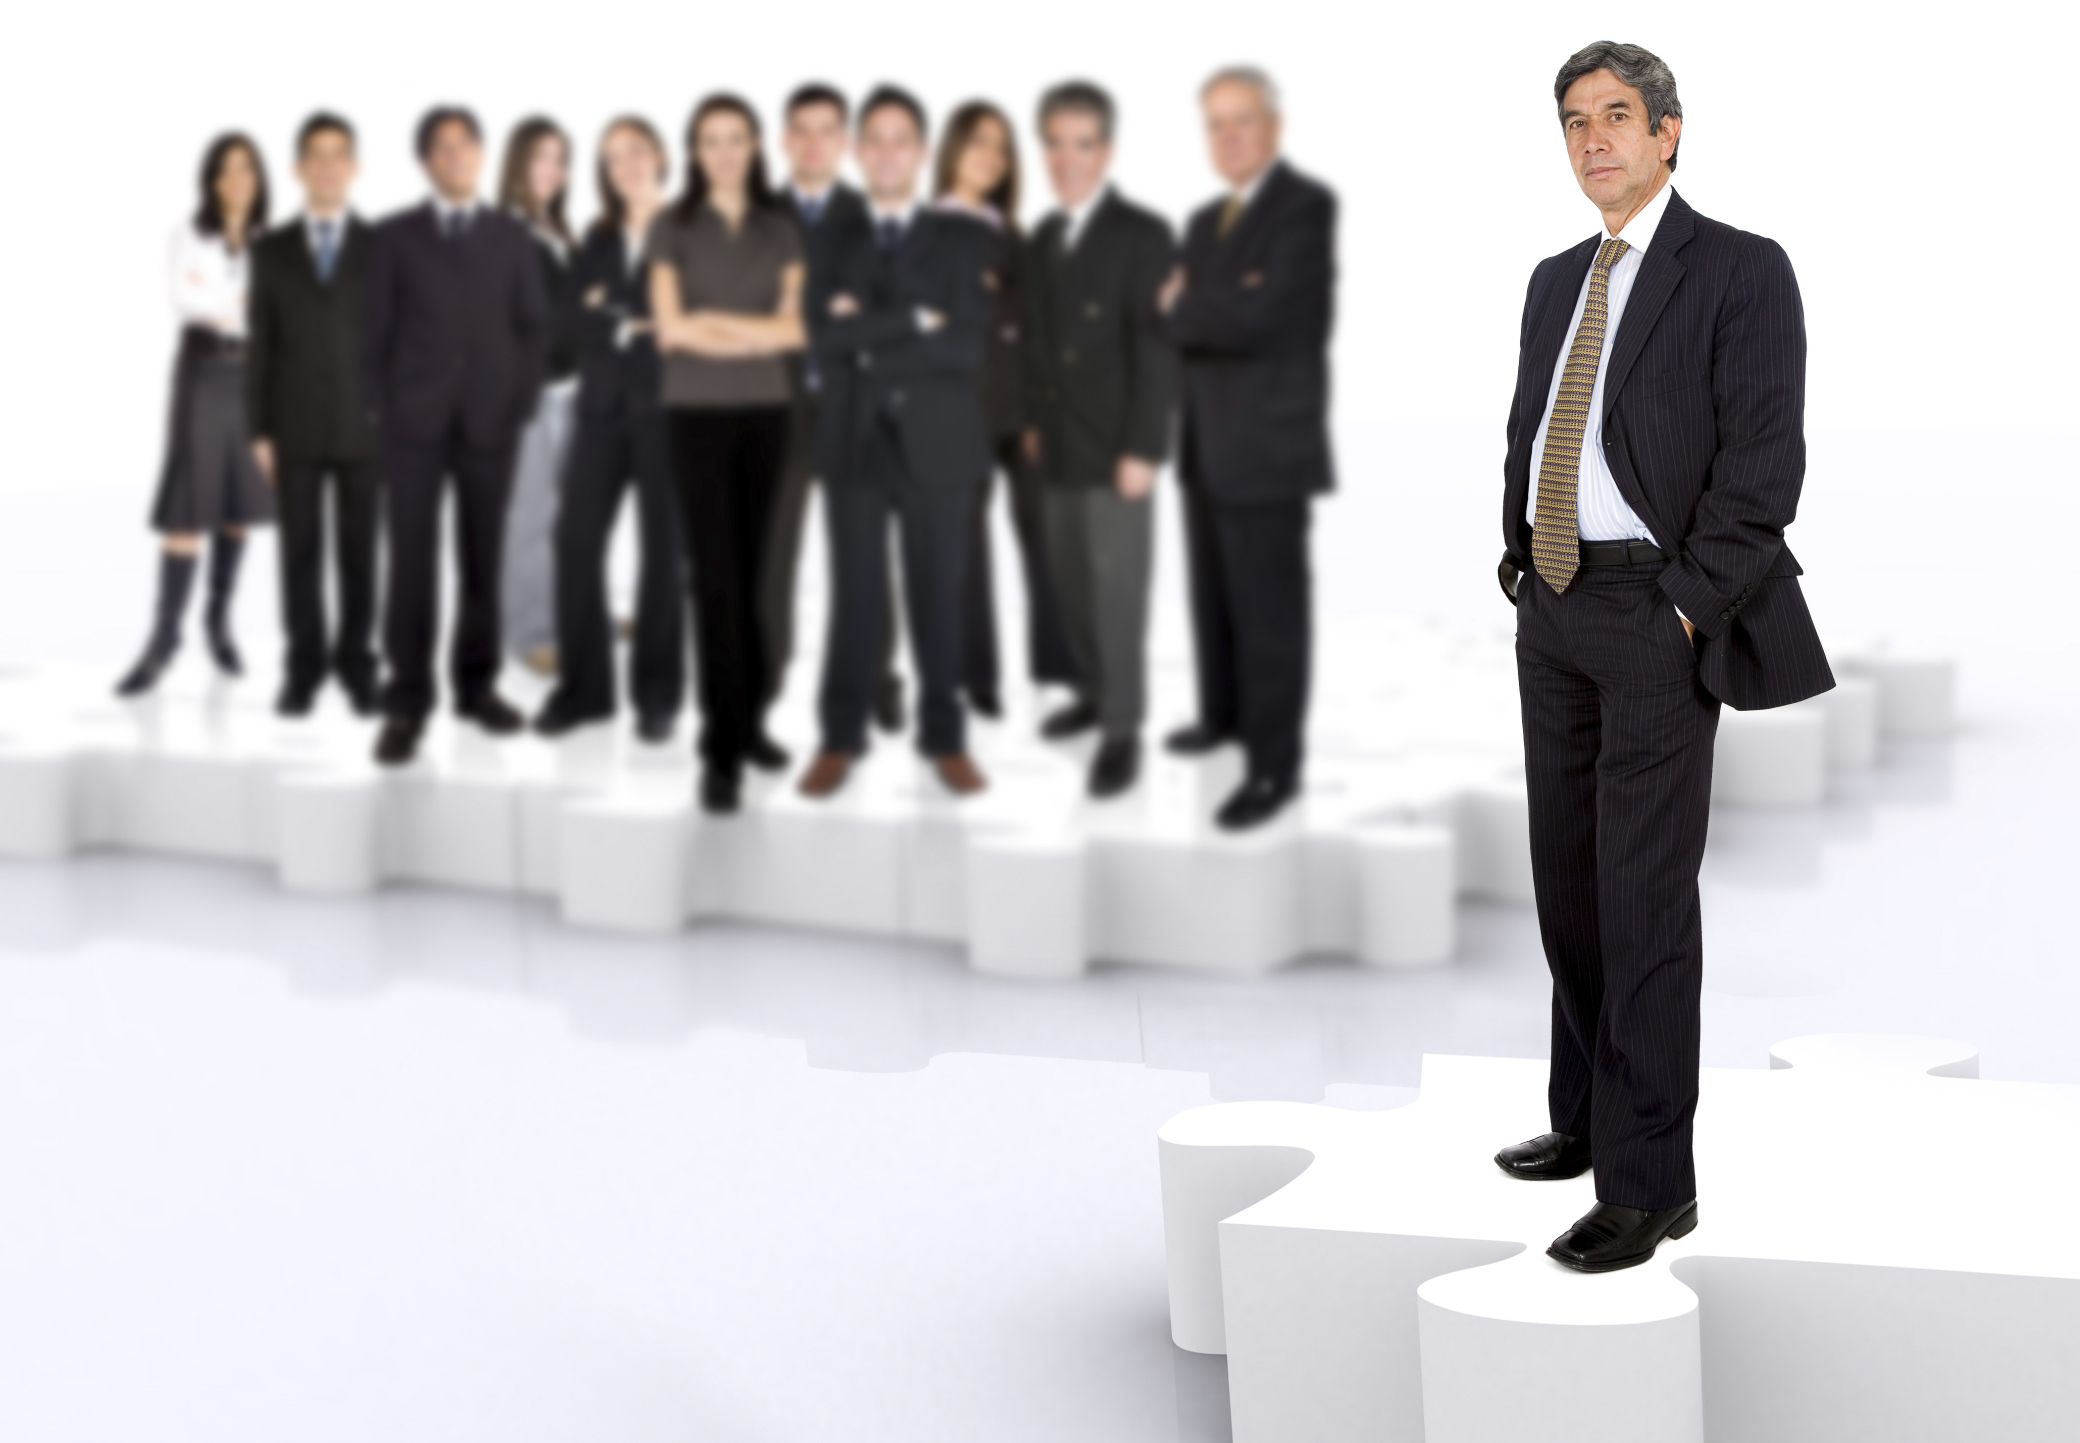 de ce pierd din popularitate liderii